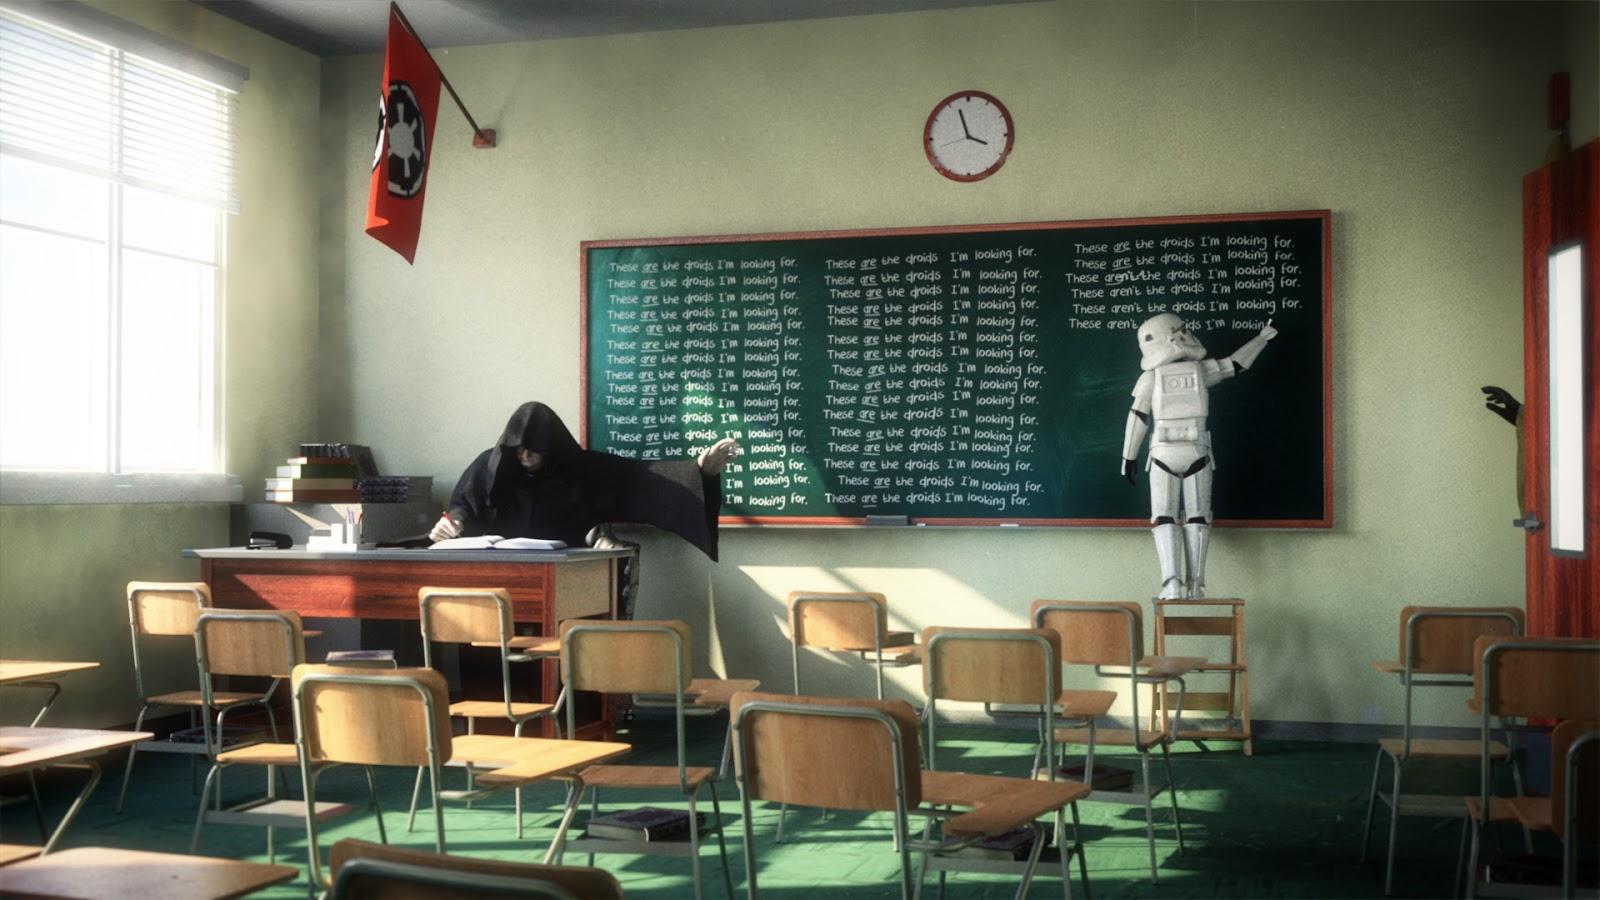 StormTrooper_161014_4